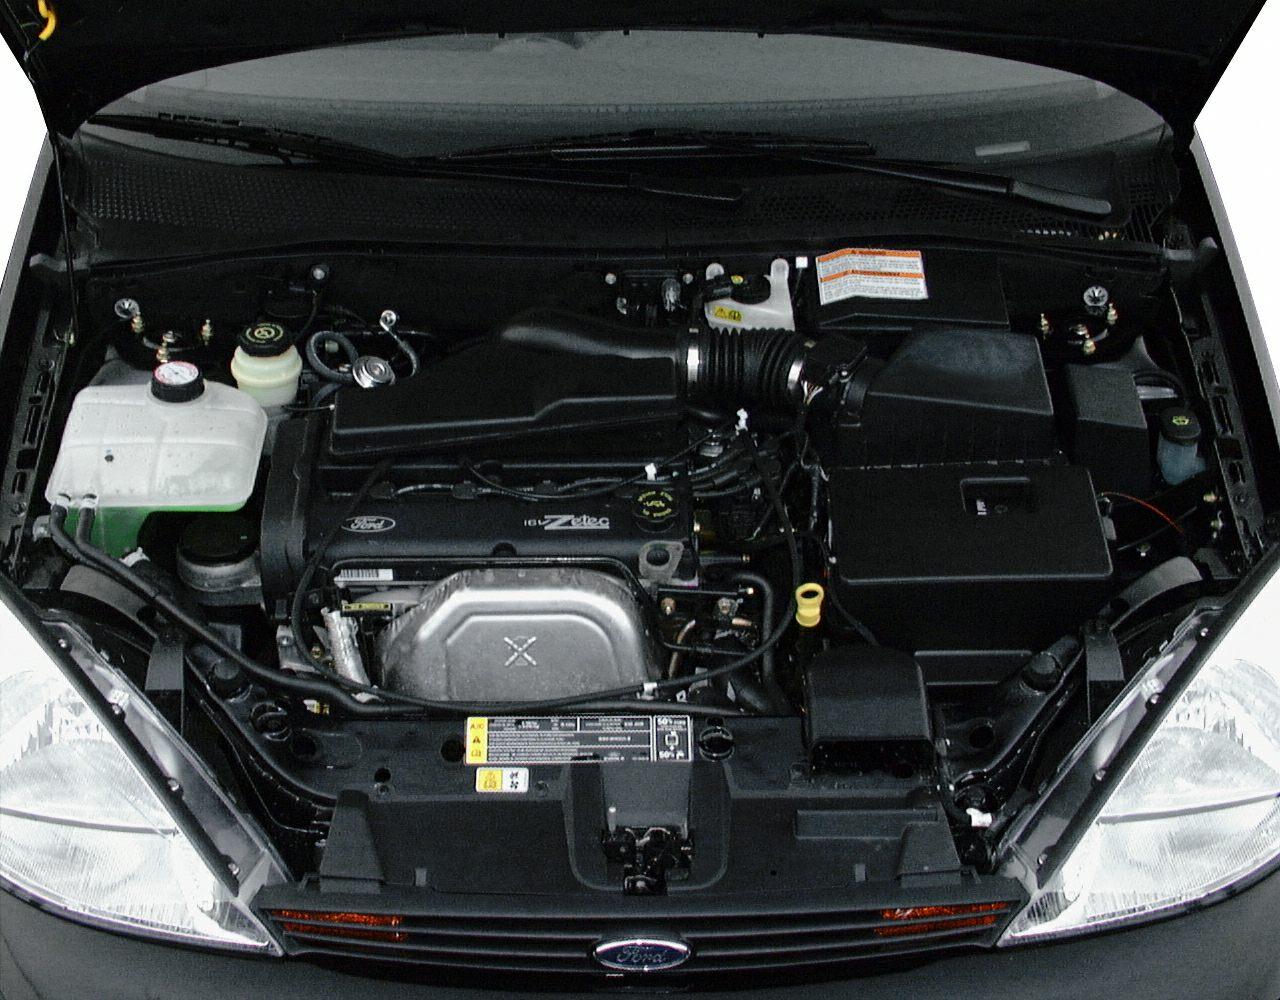 2000 Ford Focus Exterior Photo